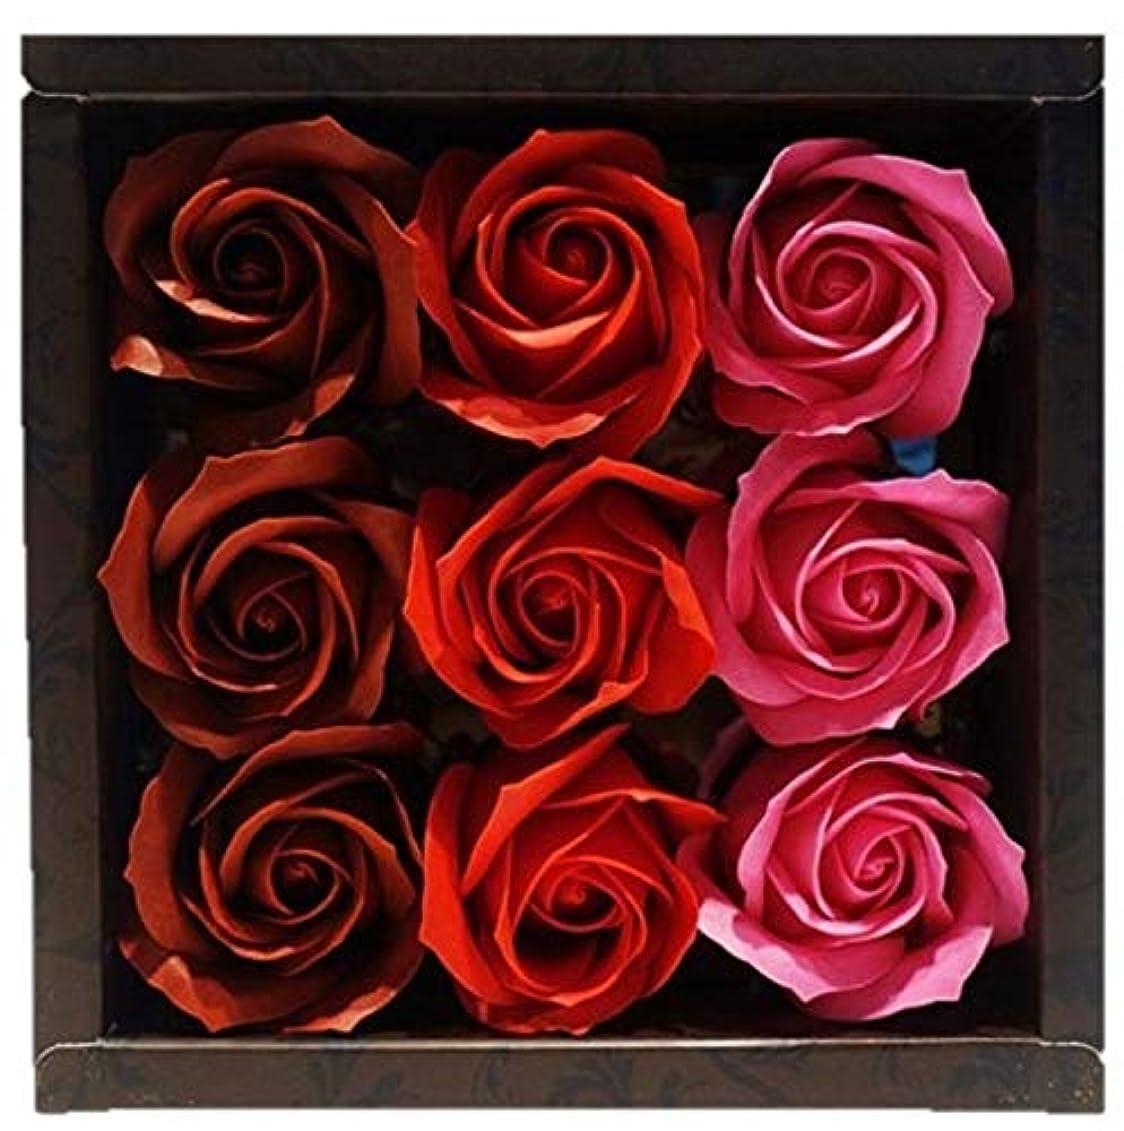 エントリ年不倫バスフレグランス バスフラワー ローズフレグランス レッドカラー お花の形の入浴剤 プレゼント ばら